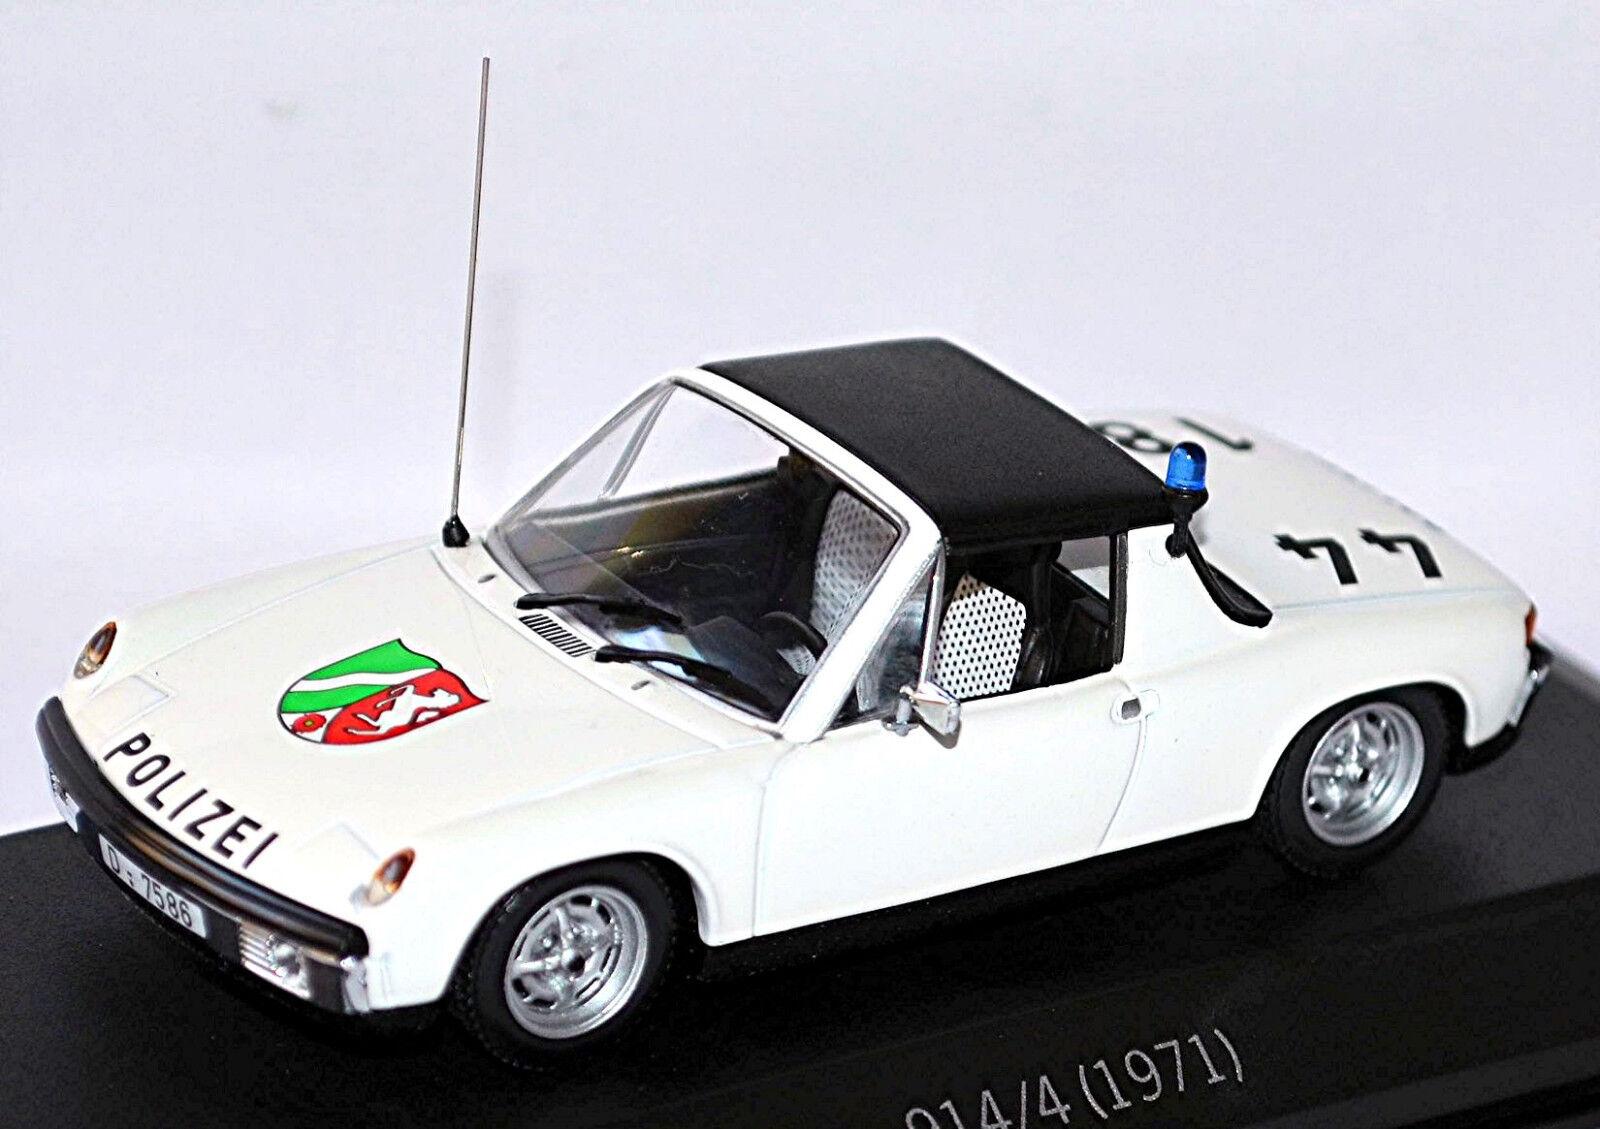 Porsche 914 4 Polizei Polizei Polizei 1971 German Police 1 43 Minichamps  | Bevorzugtes Material  5dfae5